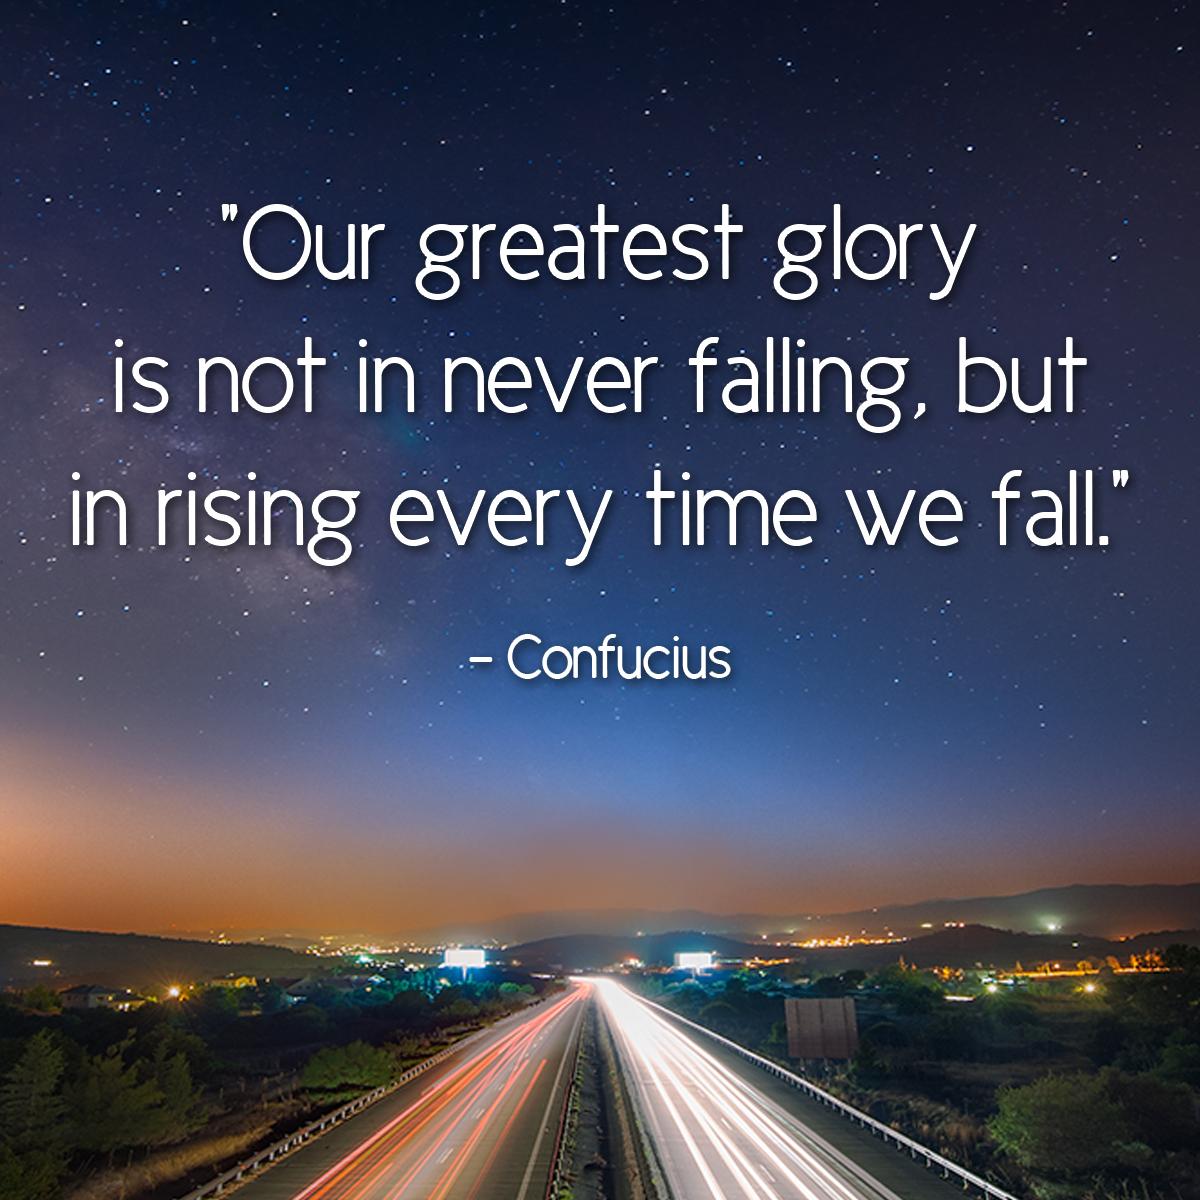 Confucius Quotes Jokes Quotesgram: Inspirational Quotes By Confucius. QuotesGram